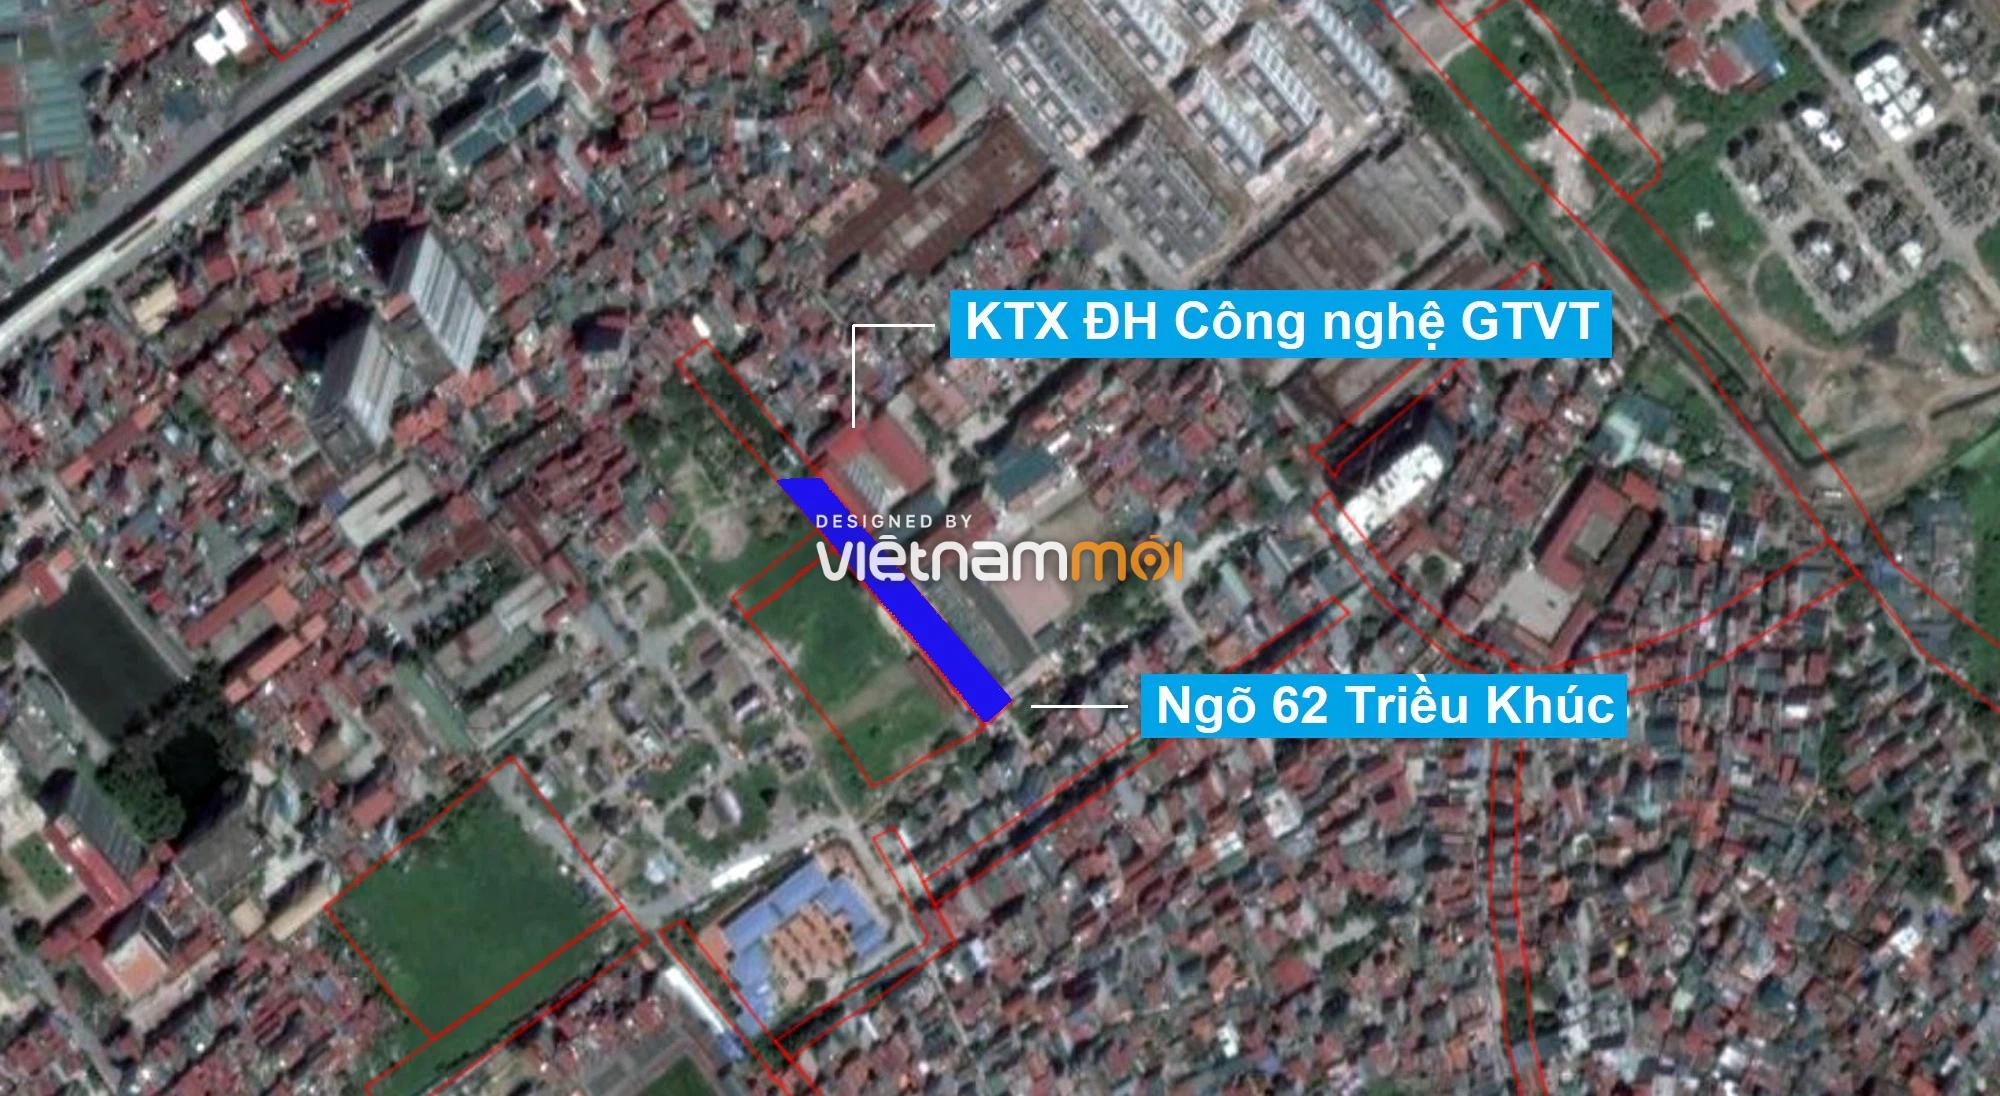 Những khu đất sắp thu hồi để mở đường ở xã Tân Triều, Thanh Trì, Hà Nội (phần 3) - Ảnh 2.